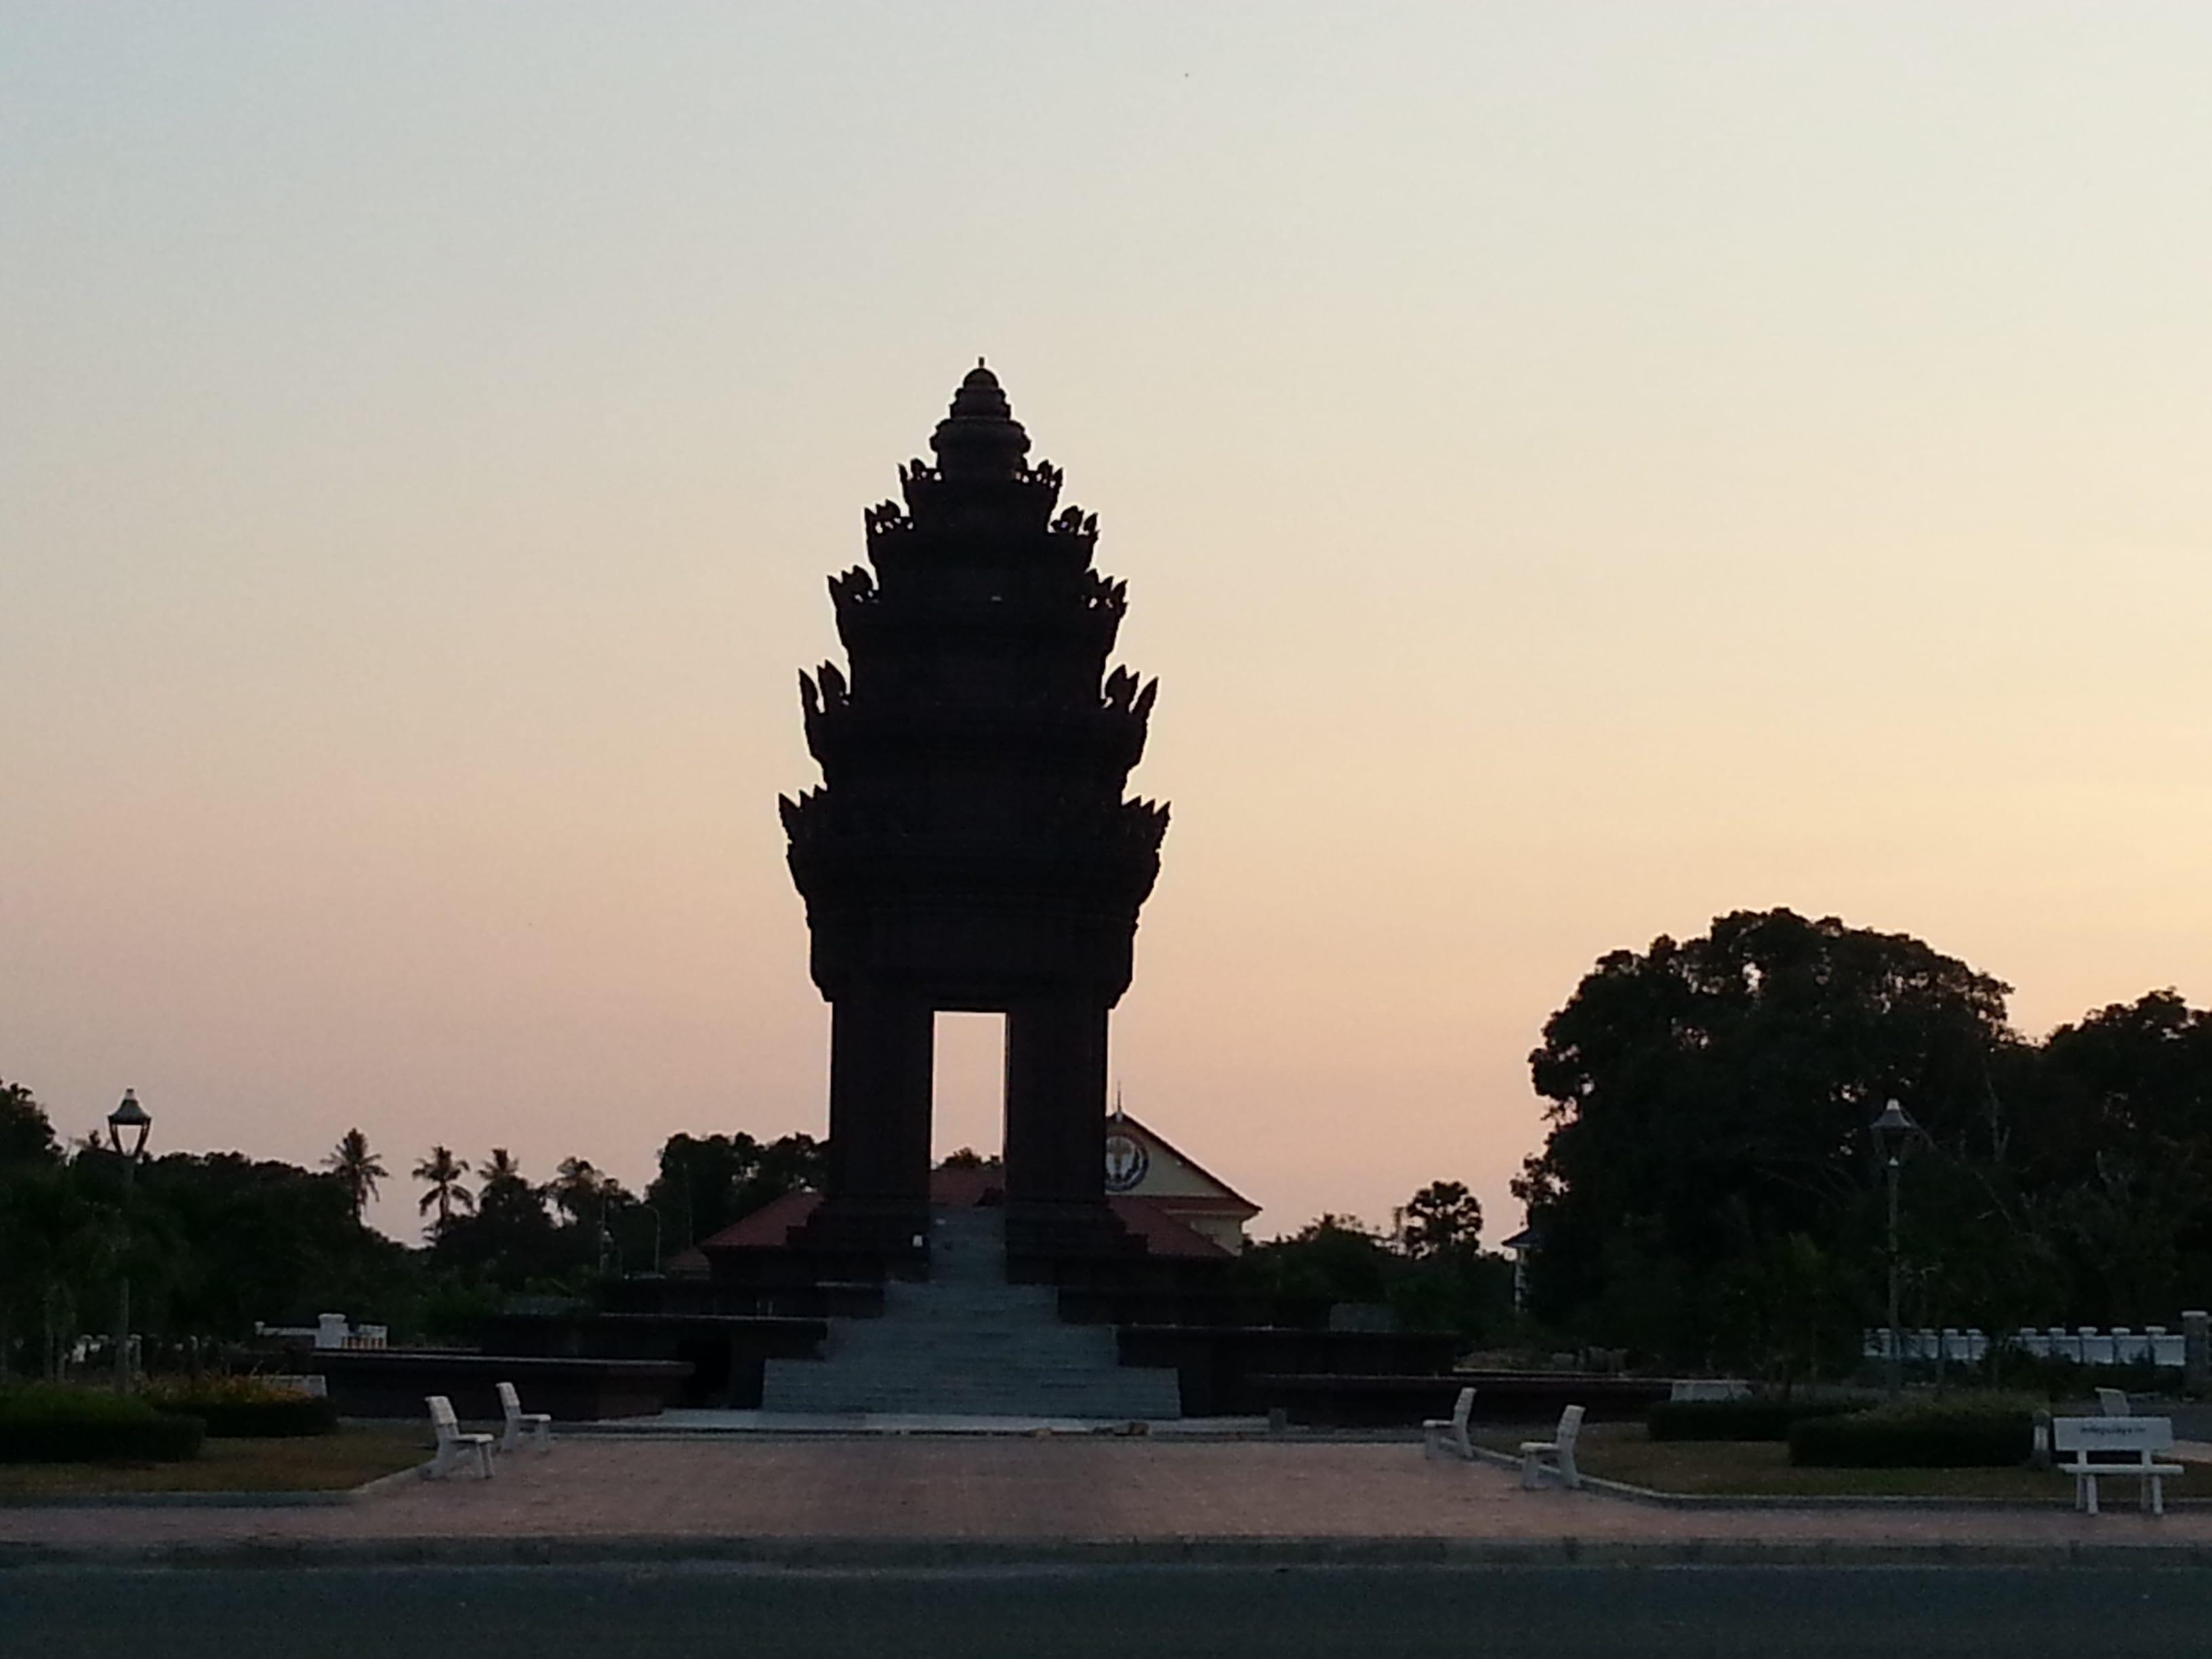 Kep -Cambodia